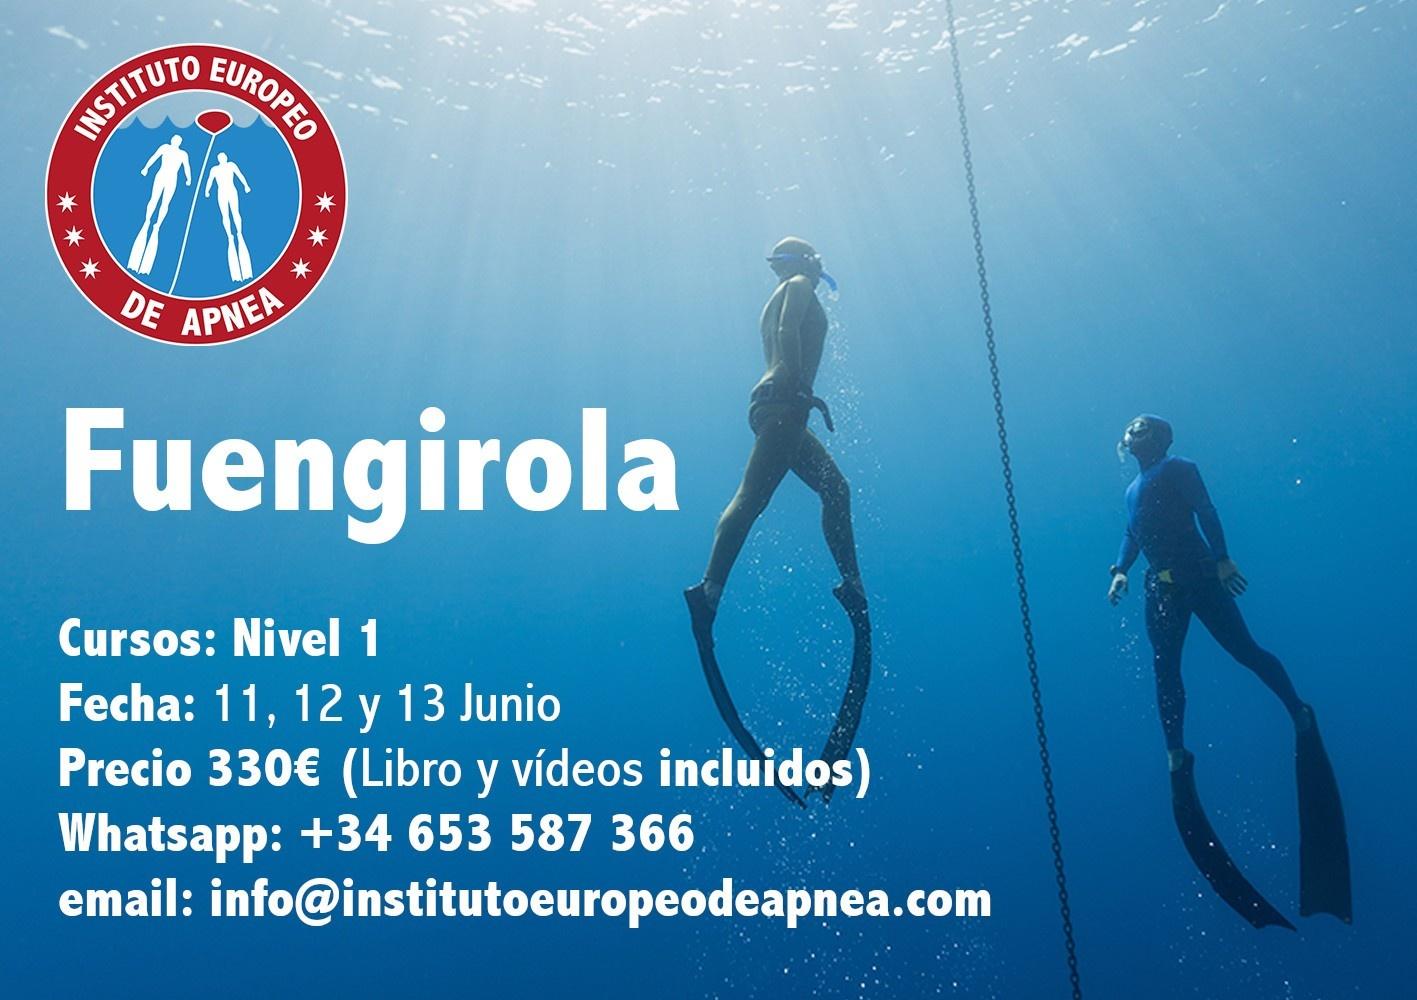 Curso de apnea en Fuengirola - Málaga